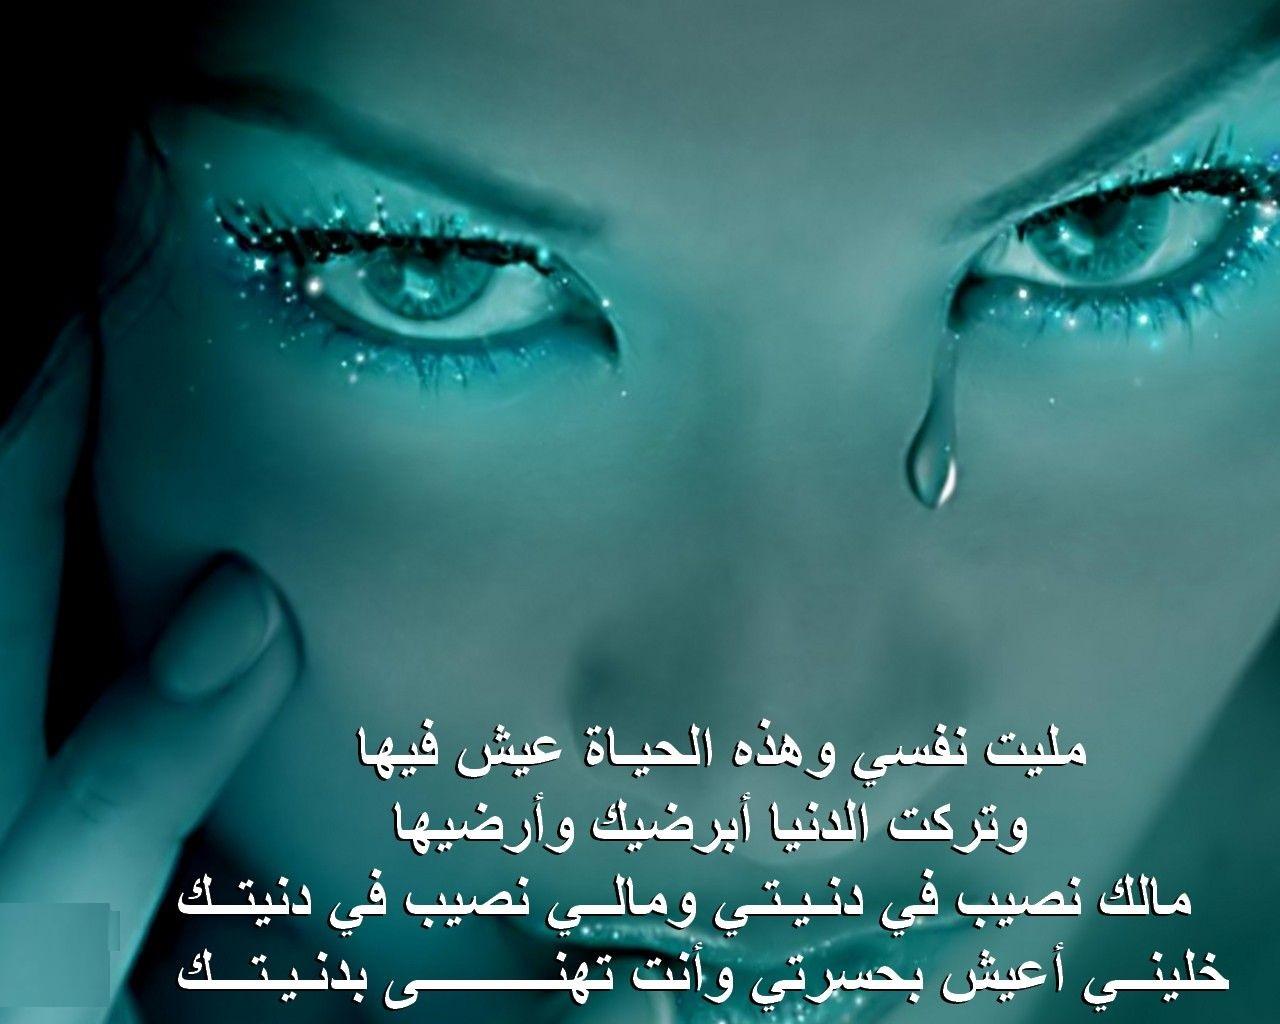 صور كلمات عن الحزن , اكثر الكلمات تاثيرا عن الحزن